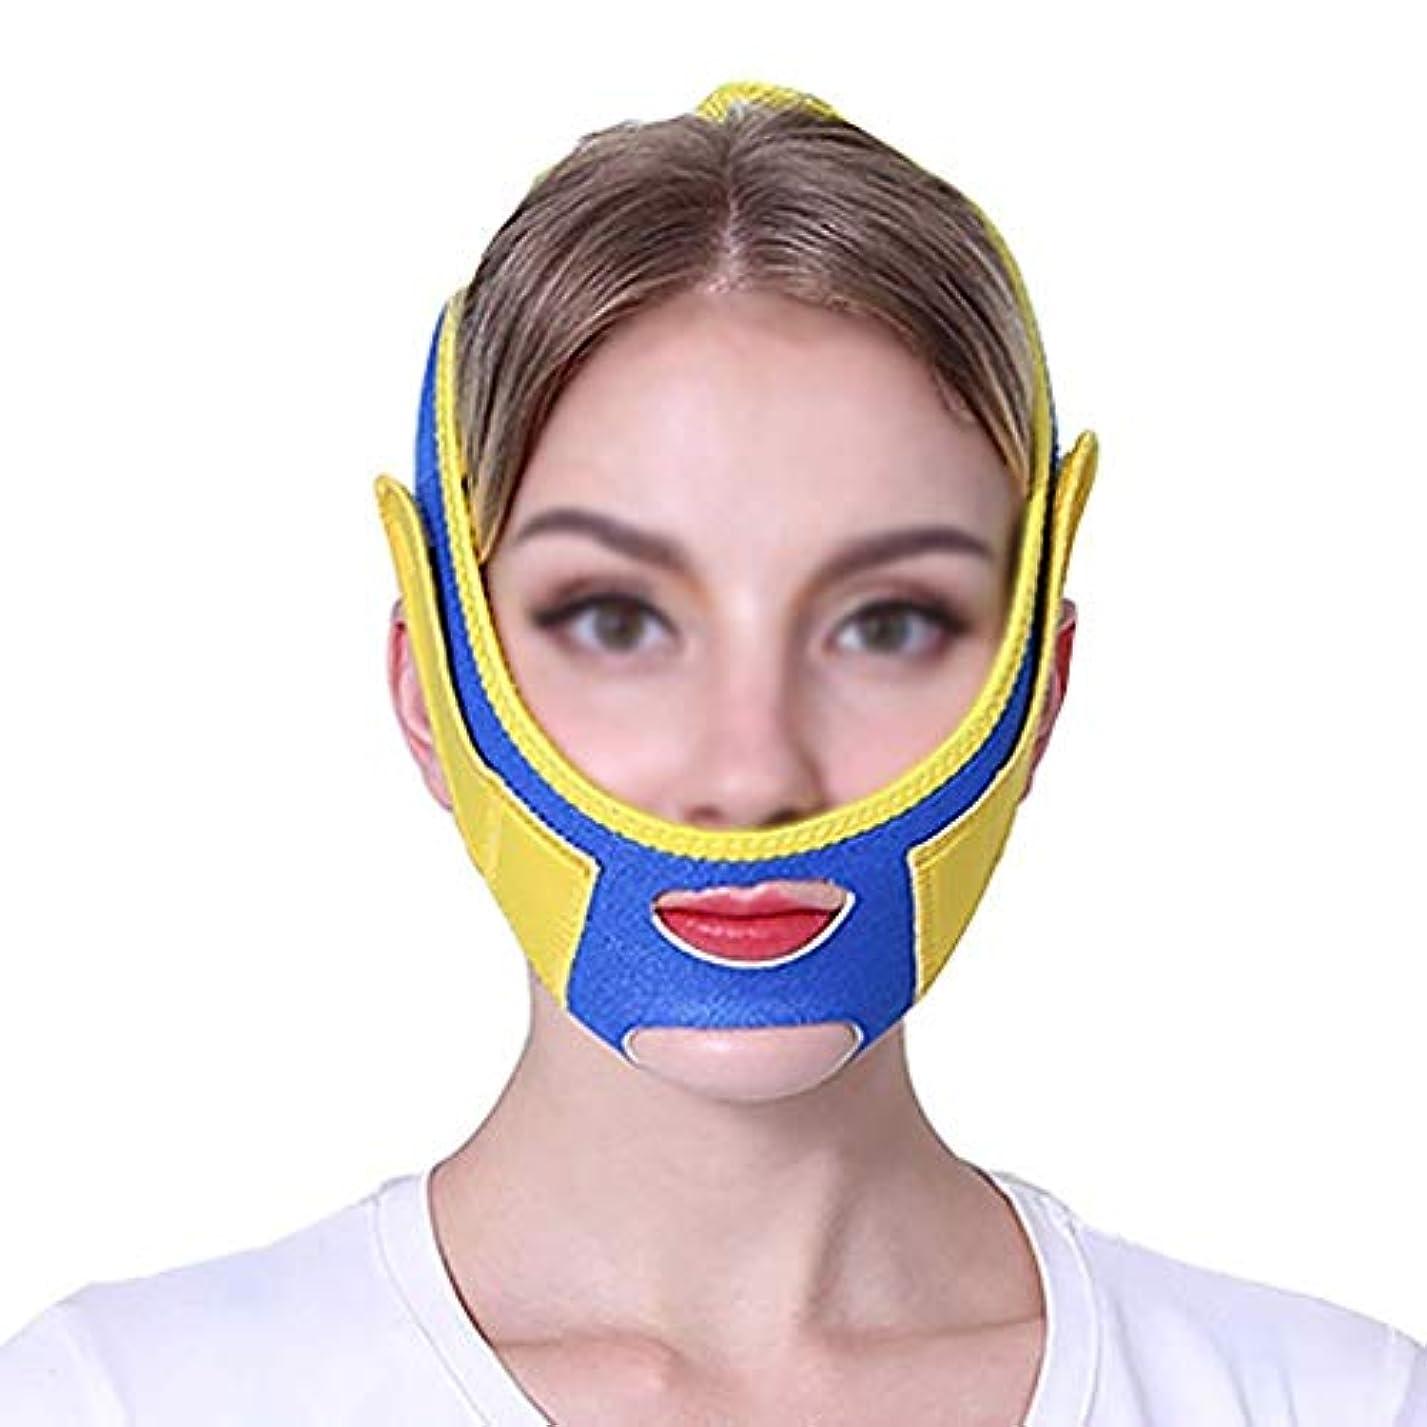 雑草貴重な放送ファーミングフェイスマスク、スモールVフェイスアーティファクトリフティングマスクフェイスリフティングフェイスメロンフェイスリフティングフェイスマスクファーミングクリームフェイスリフティングバンデージ